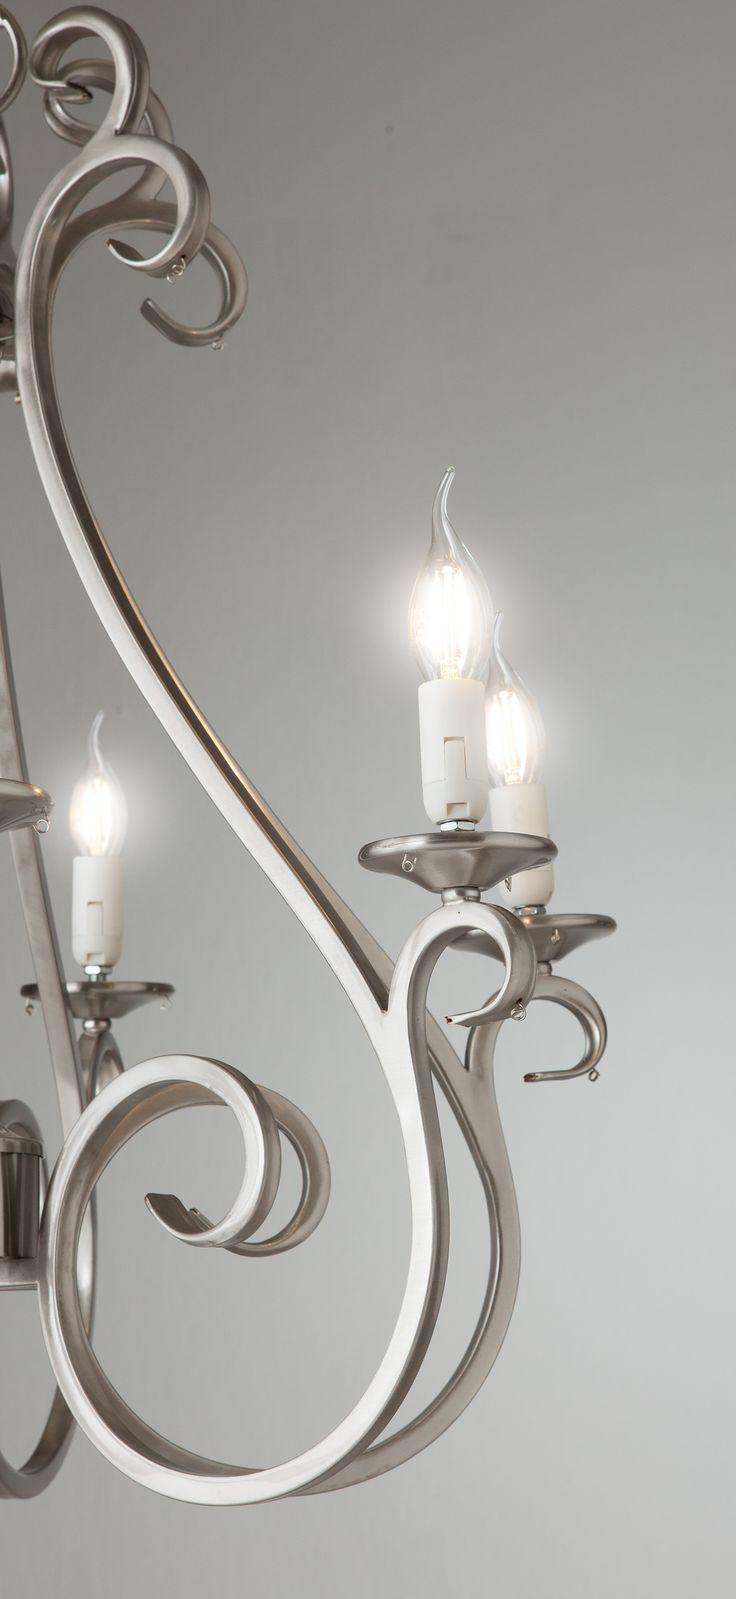 Superb Das Voltolux LED Leuchtmittel Filament Kerze eignet sich durch die klassische Windsto kerzenform besonders f r die Verwendung in offenen Leuchten mit